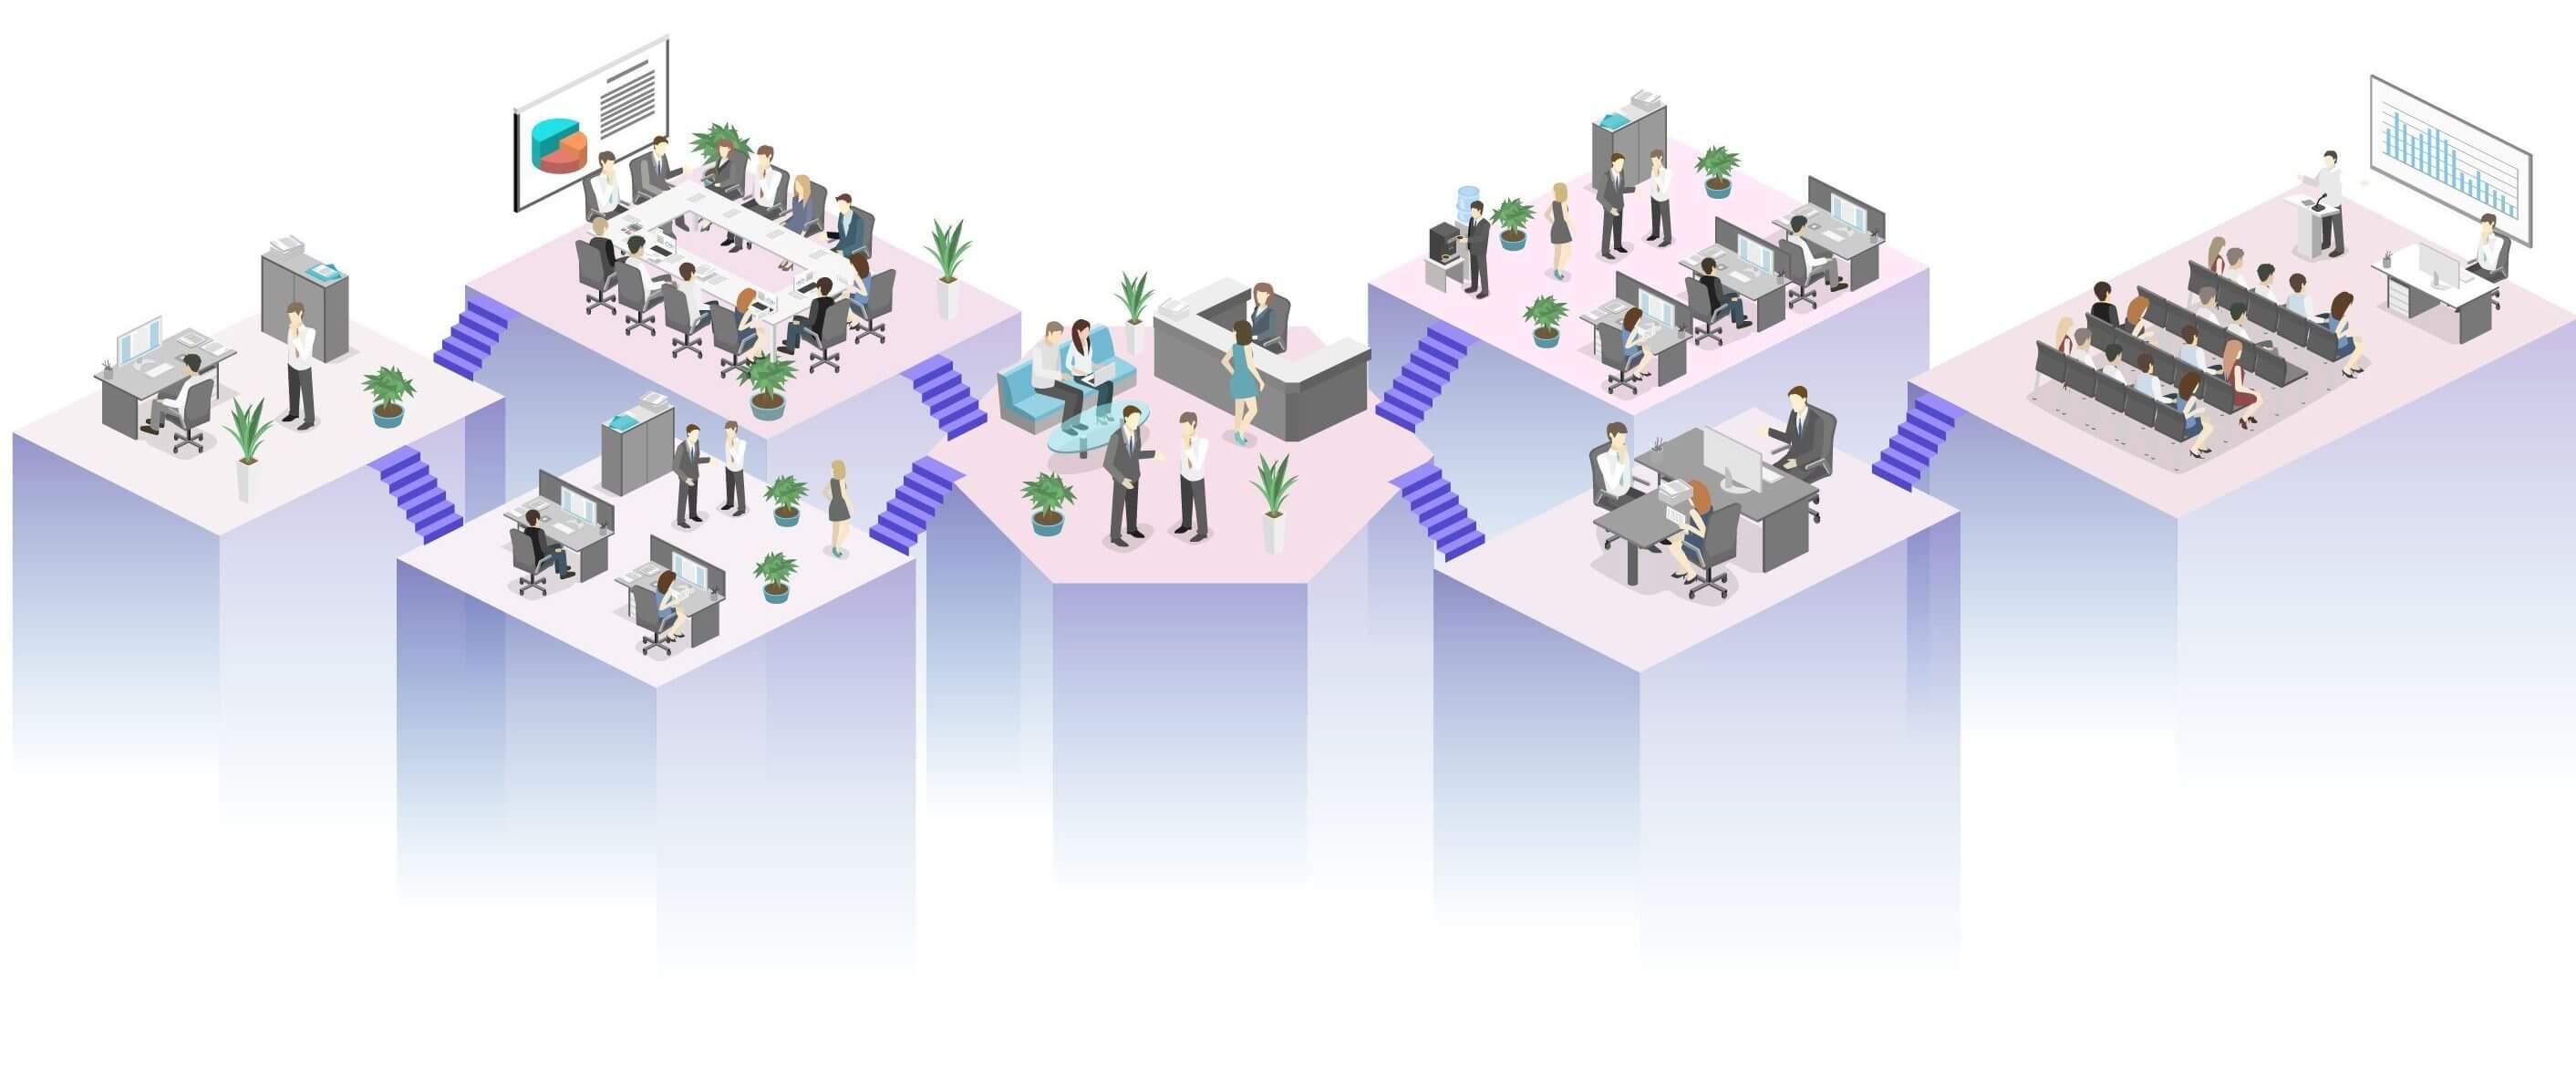 Diverse persone lavorano in dipartimenti diversi, ciascun dipartimento è collegato da delle scale